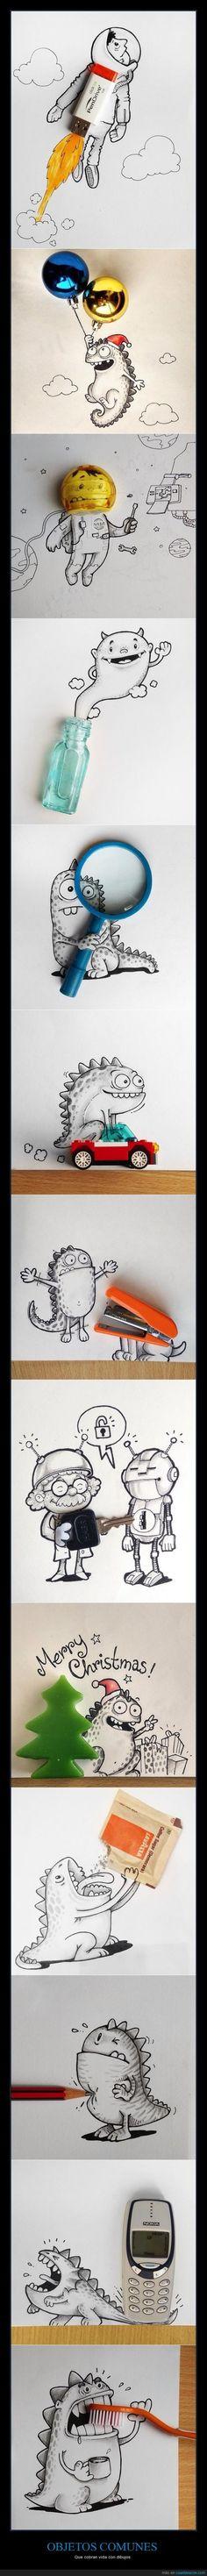 OBJETOS COMUNES - Que cobran vida con dibujos